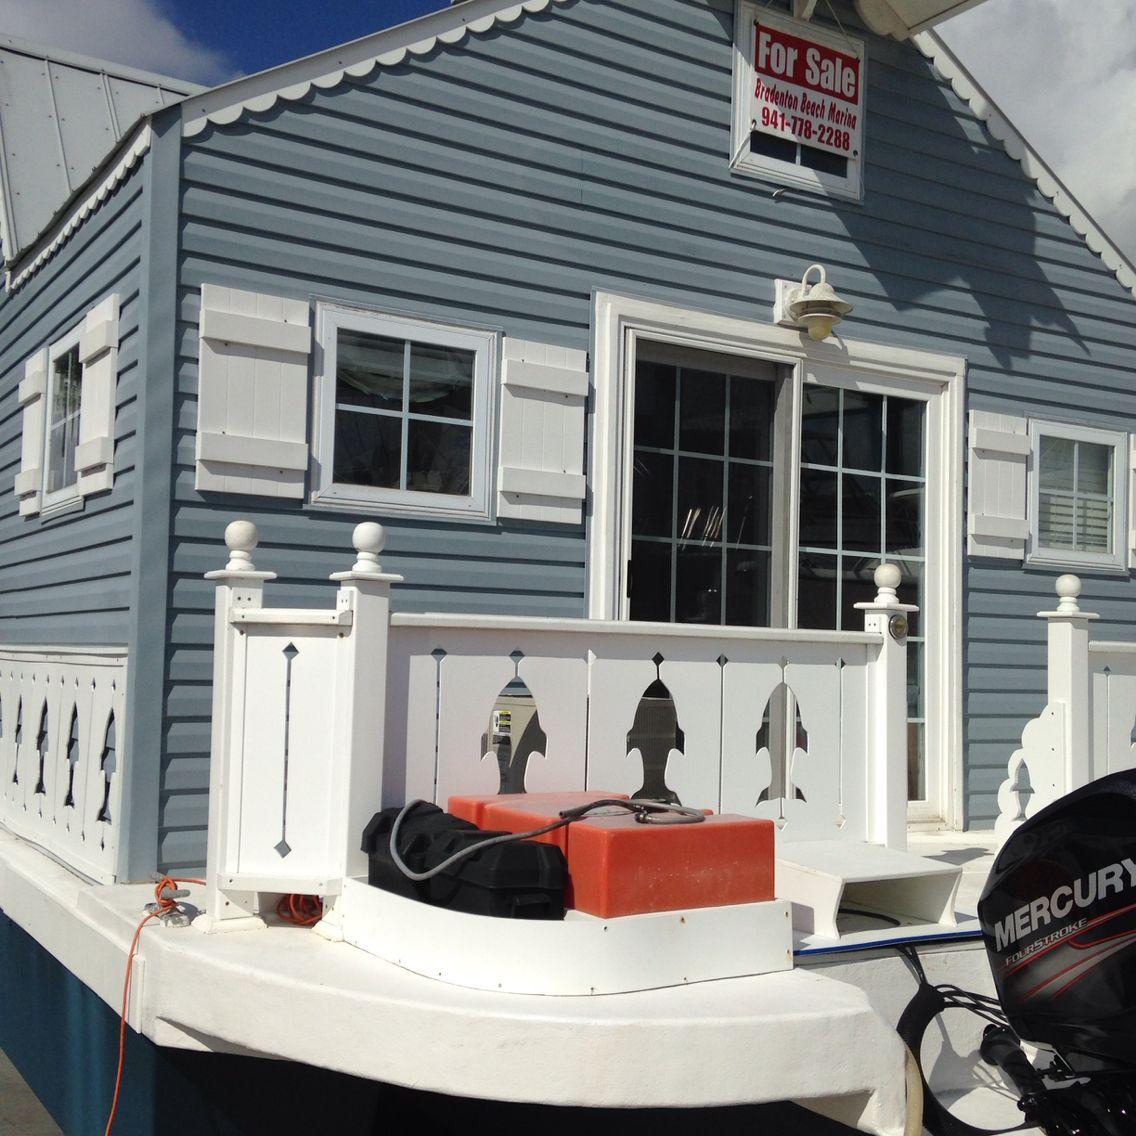 Tiny House Boat Pontoon Boat Bradenton Beach Florida Floating House House Boat Bradenton Beach Florida